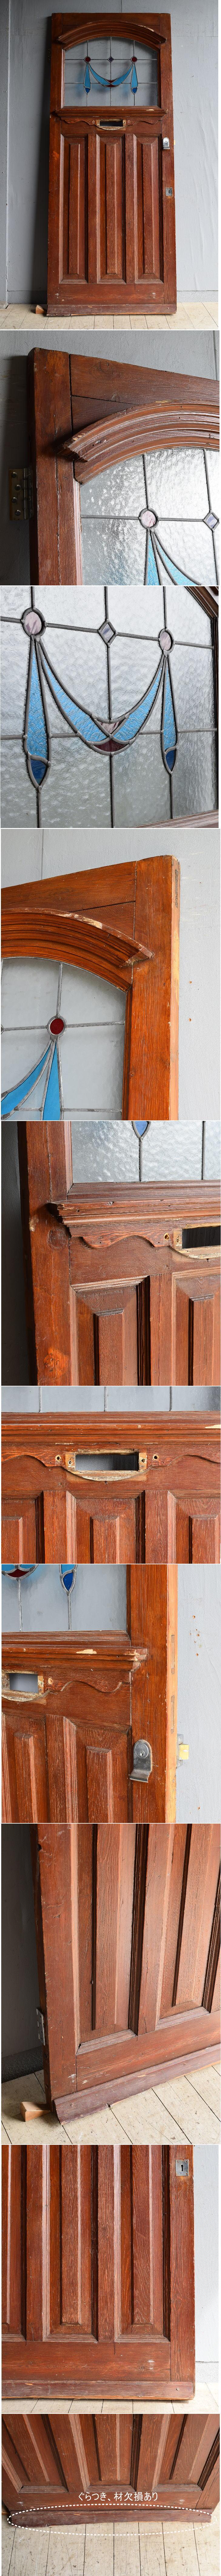 イギリス アンティーク ステンドグラス入りドア 扉 建具 8232